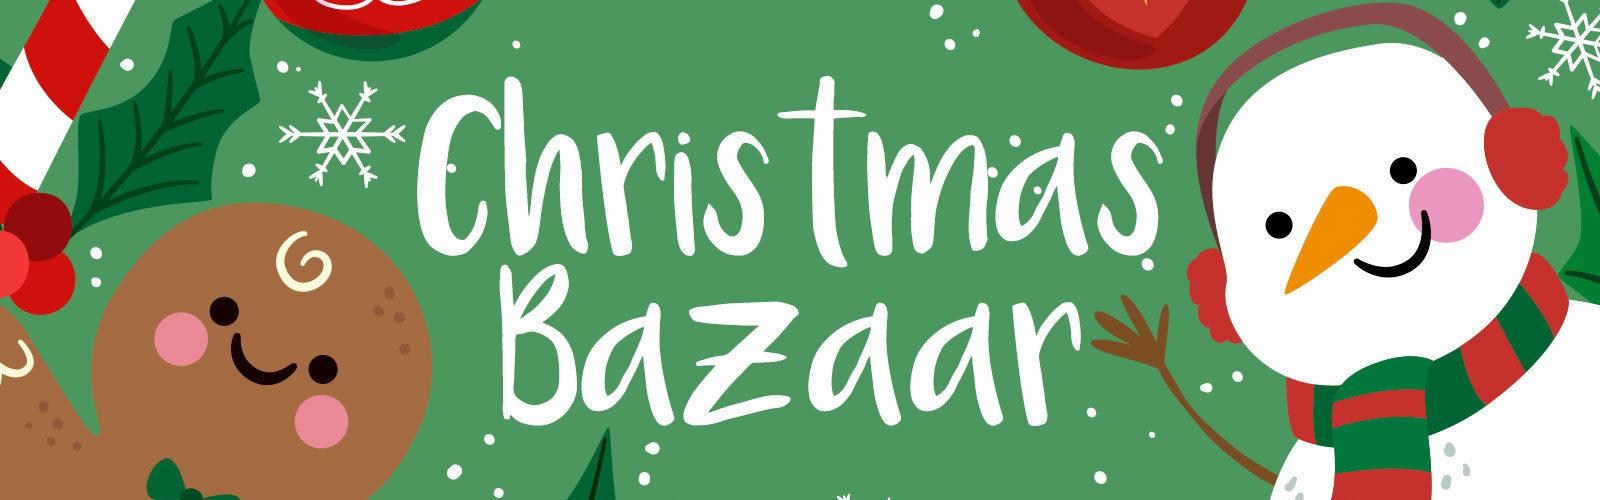 Christmas Bazaars 2020 Sad News for the 2020 Christmas Bazaar – Methow Valley Community